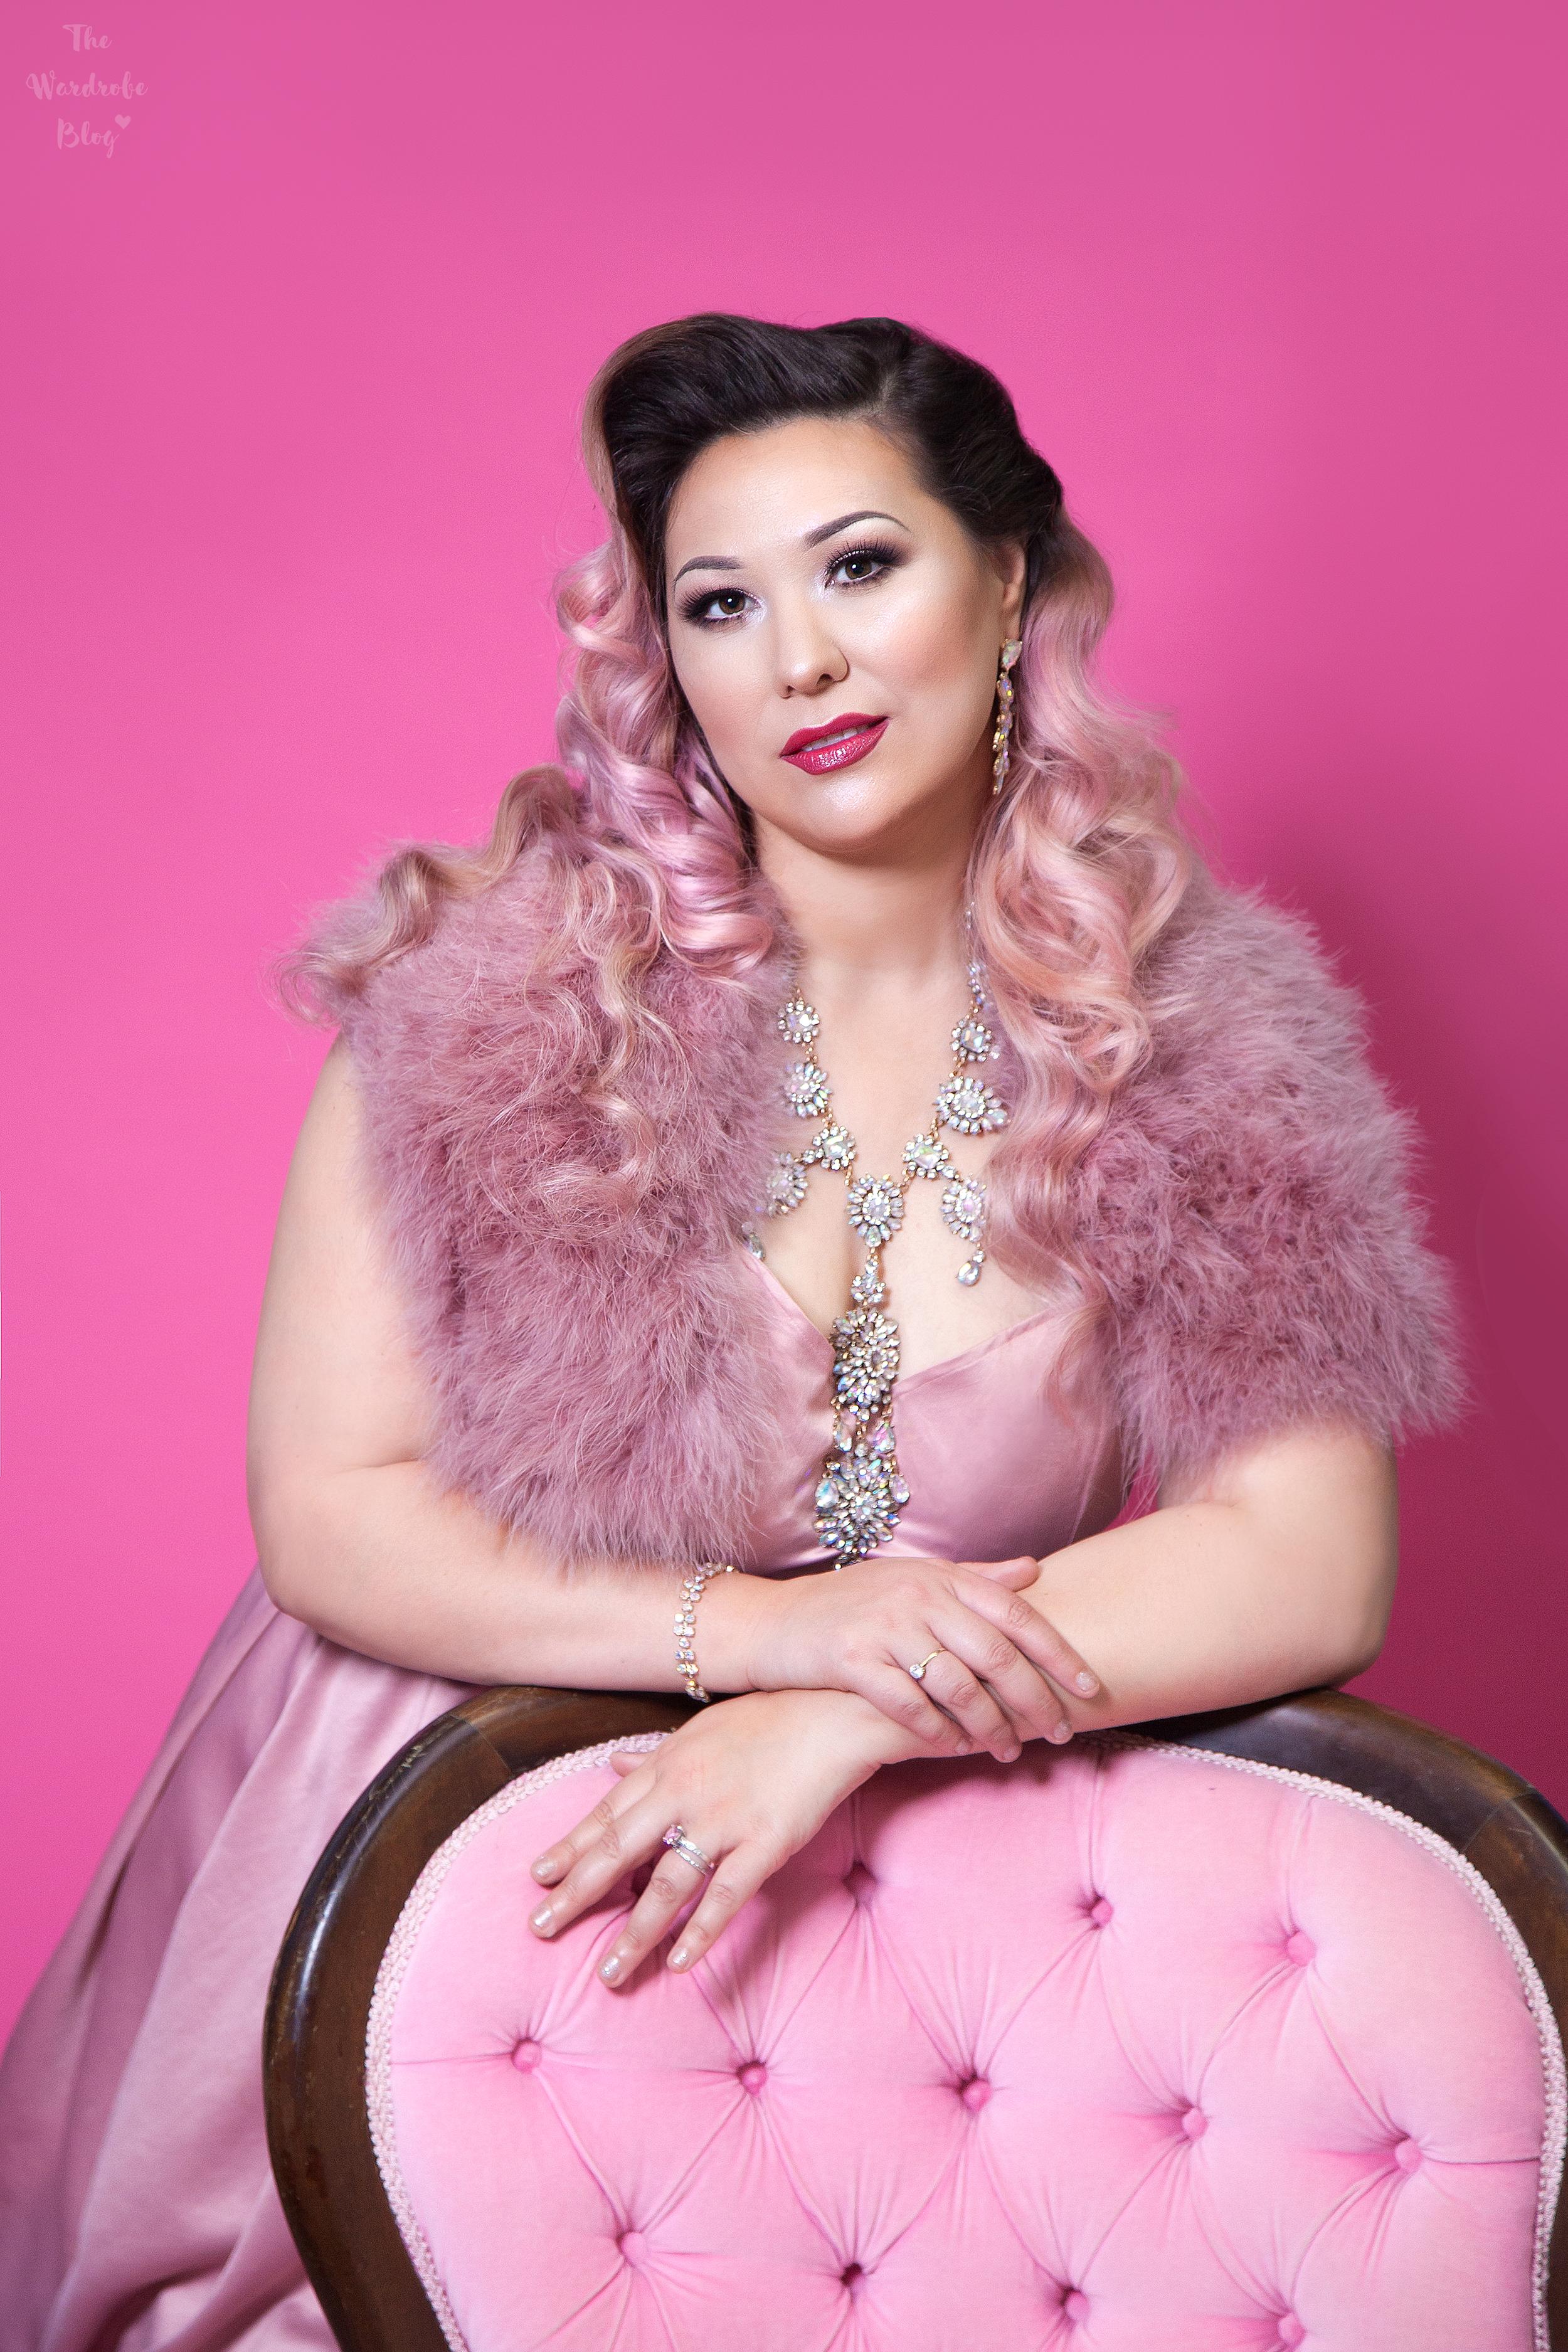 Phoenix-Feature-Chair-Pink-Feature-Portrait